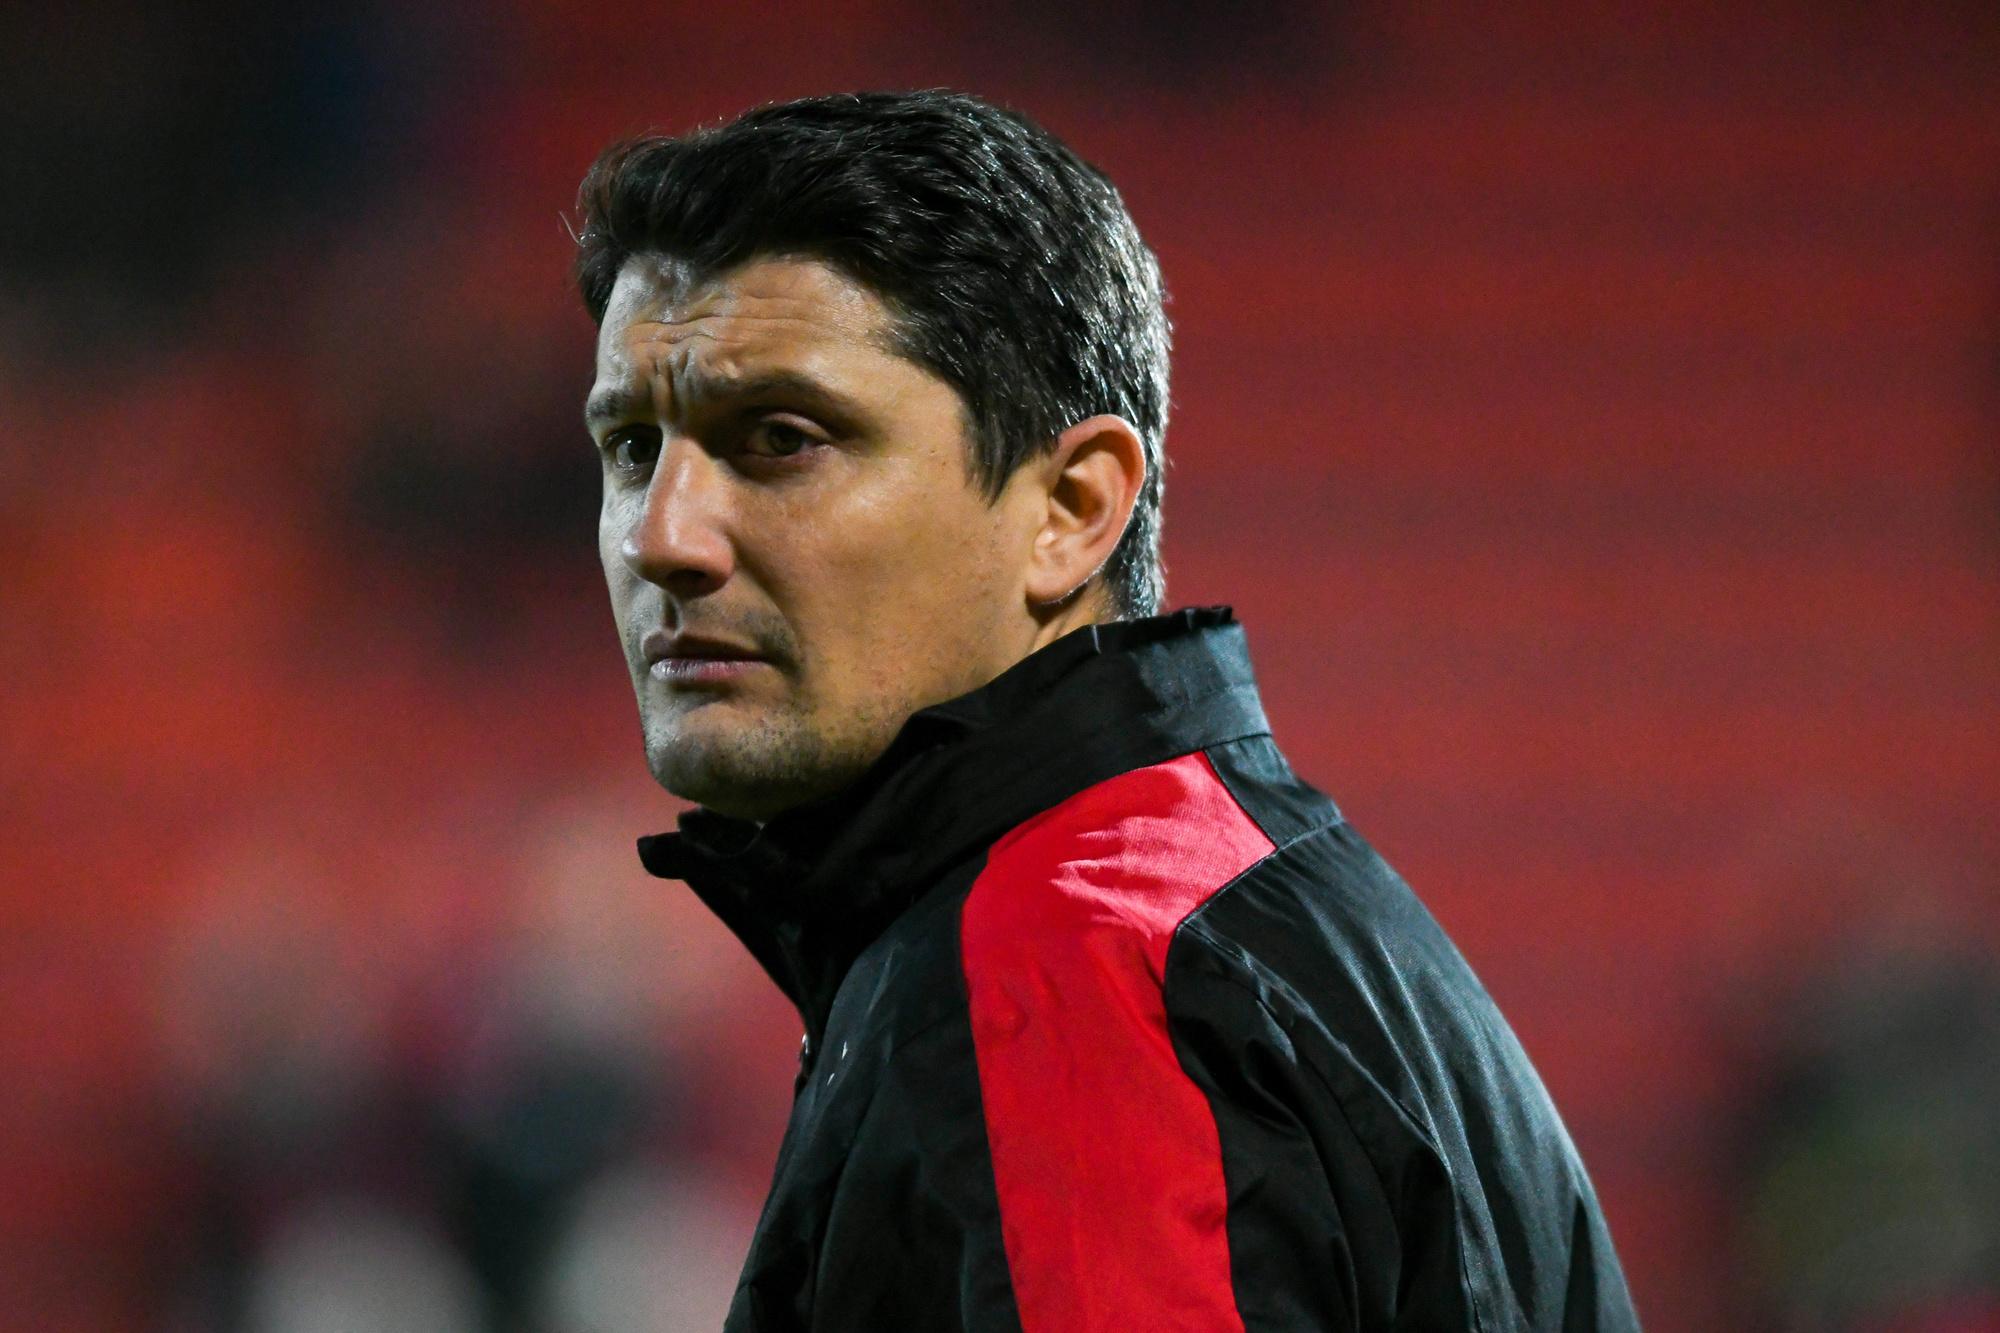 Luigi Pieroni als assistent-coach bij Seraing, Belga Image